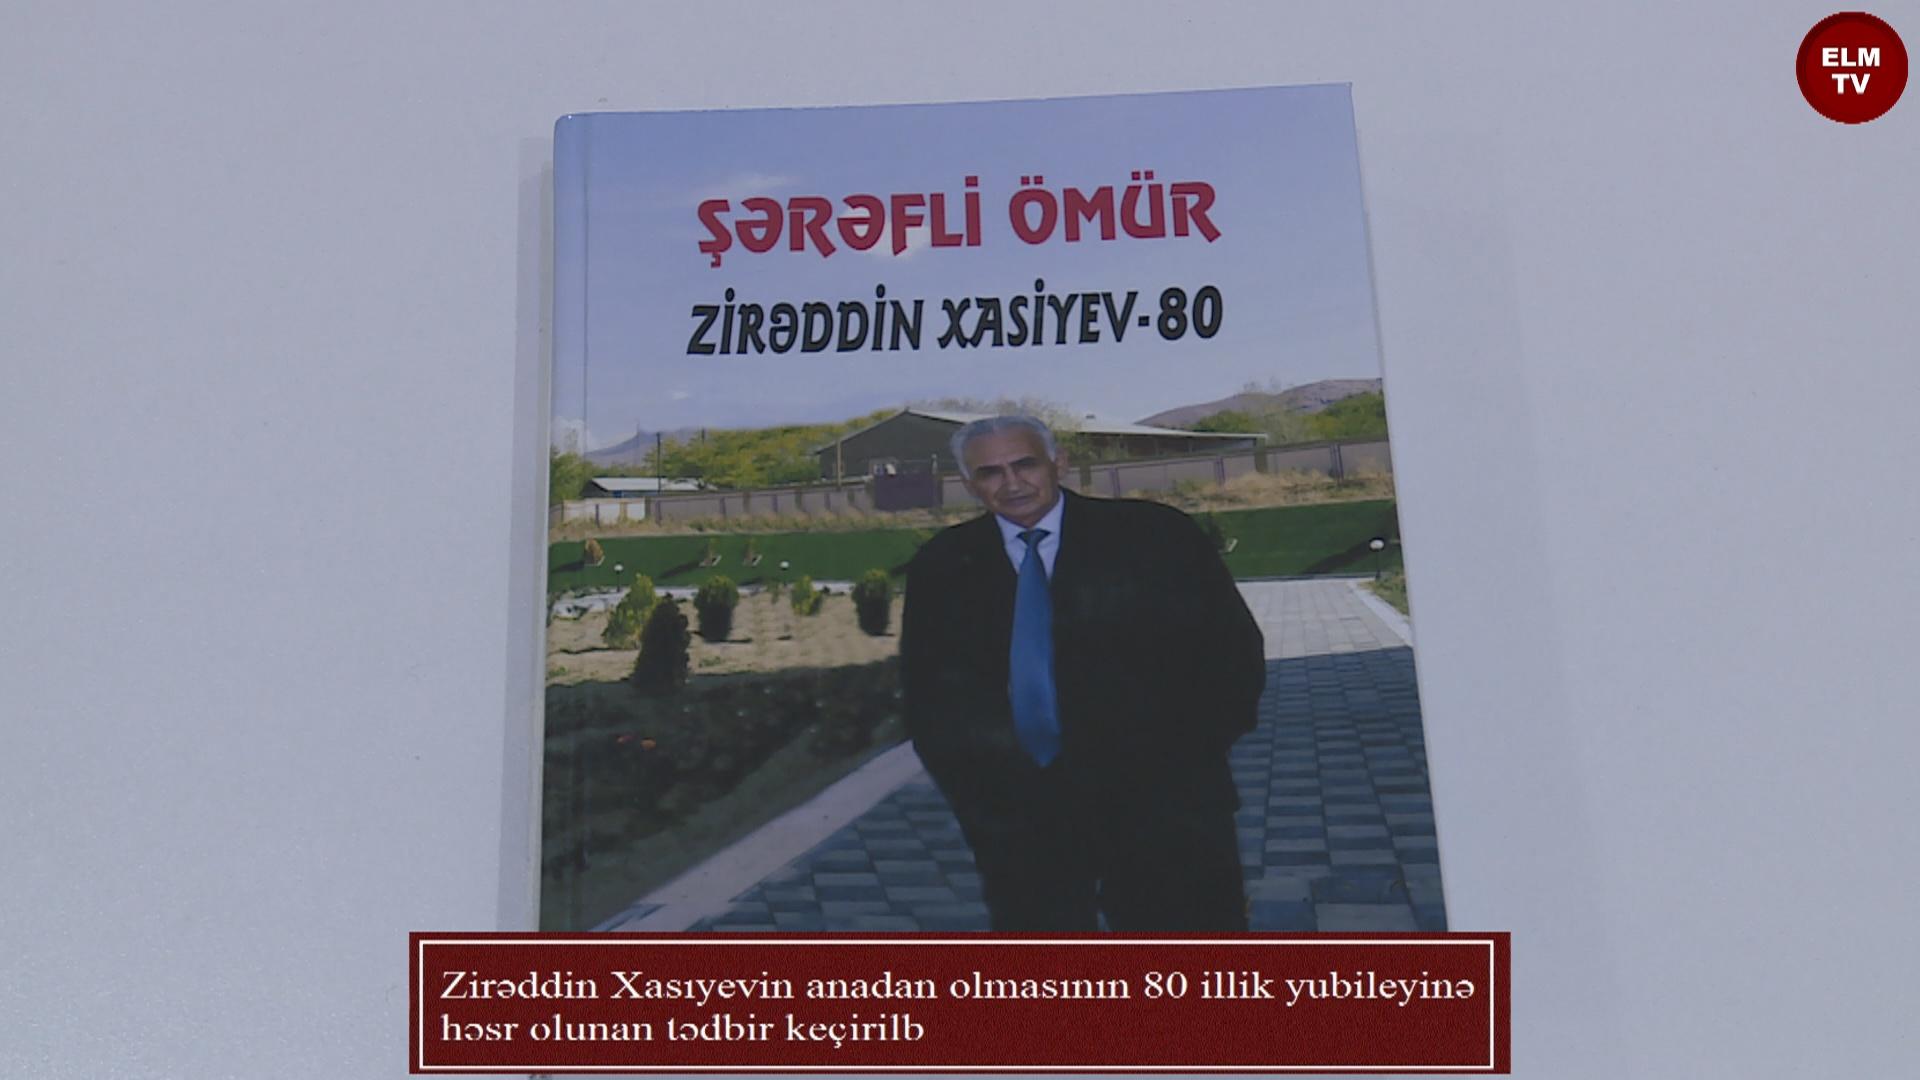 Zirəddin Xasıyevin anadan olmasının 80 illik yubileyinə həsr olunan tədbir keçirilb